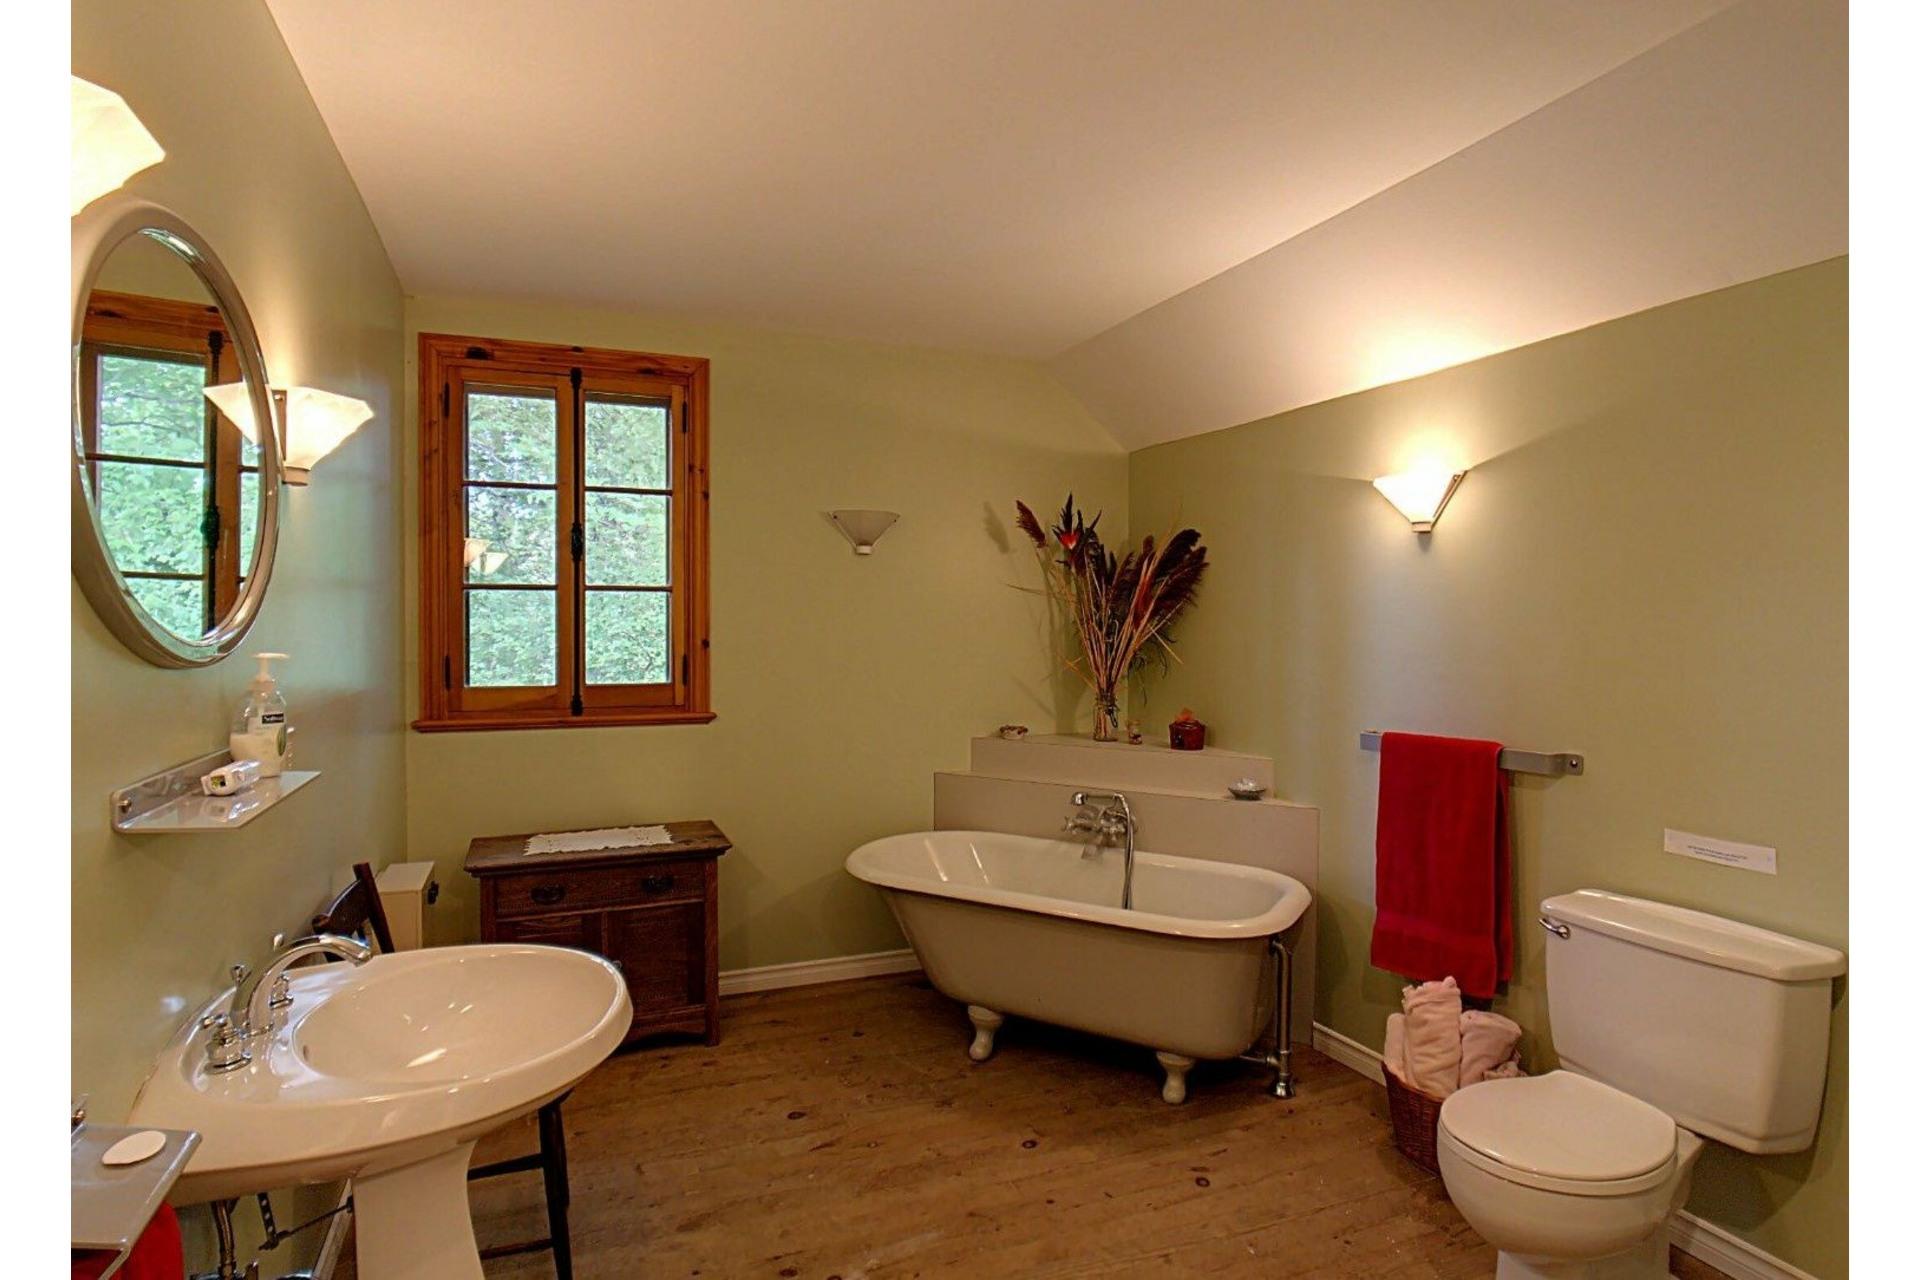 image 17 - Land For sale Vaudreuil-sur-le-Lac